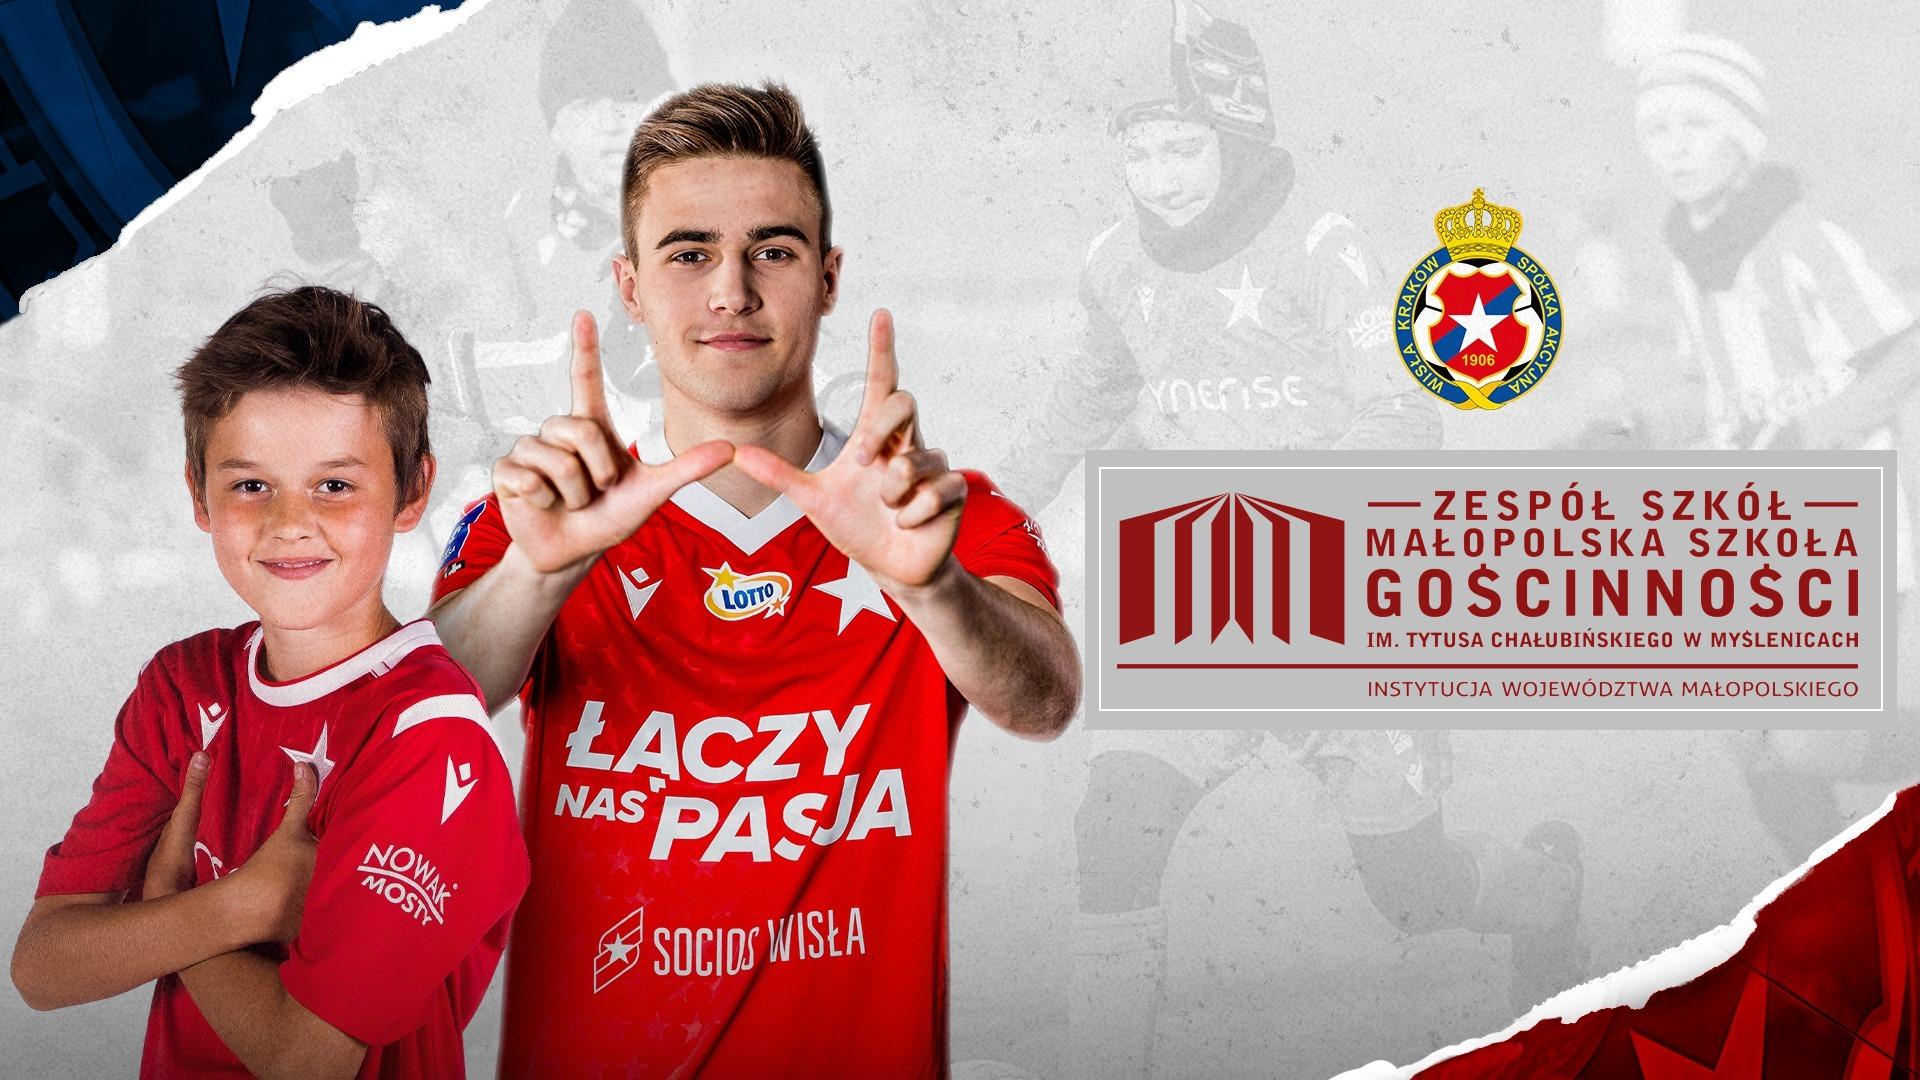 Dwóch młodych chłopców w czerwonych koszulkach sportowych z logotypem Wisły Karków